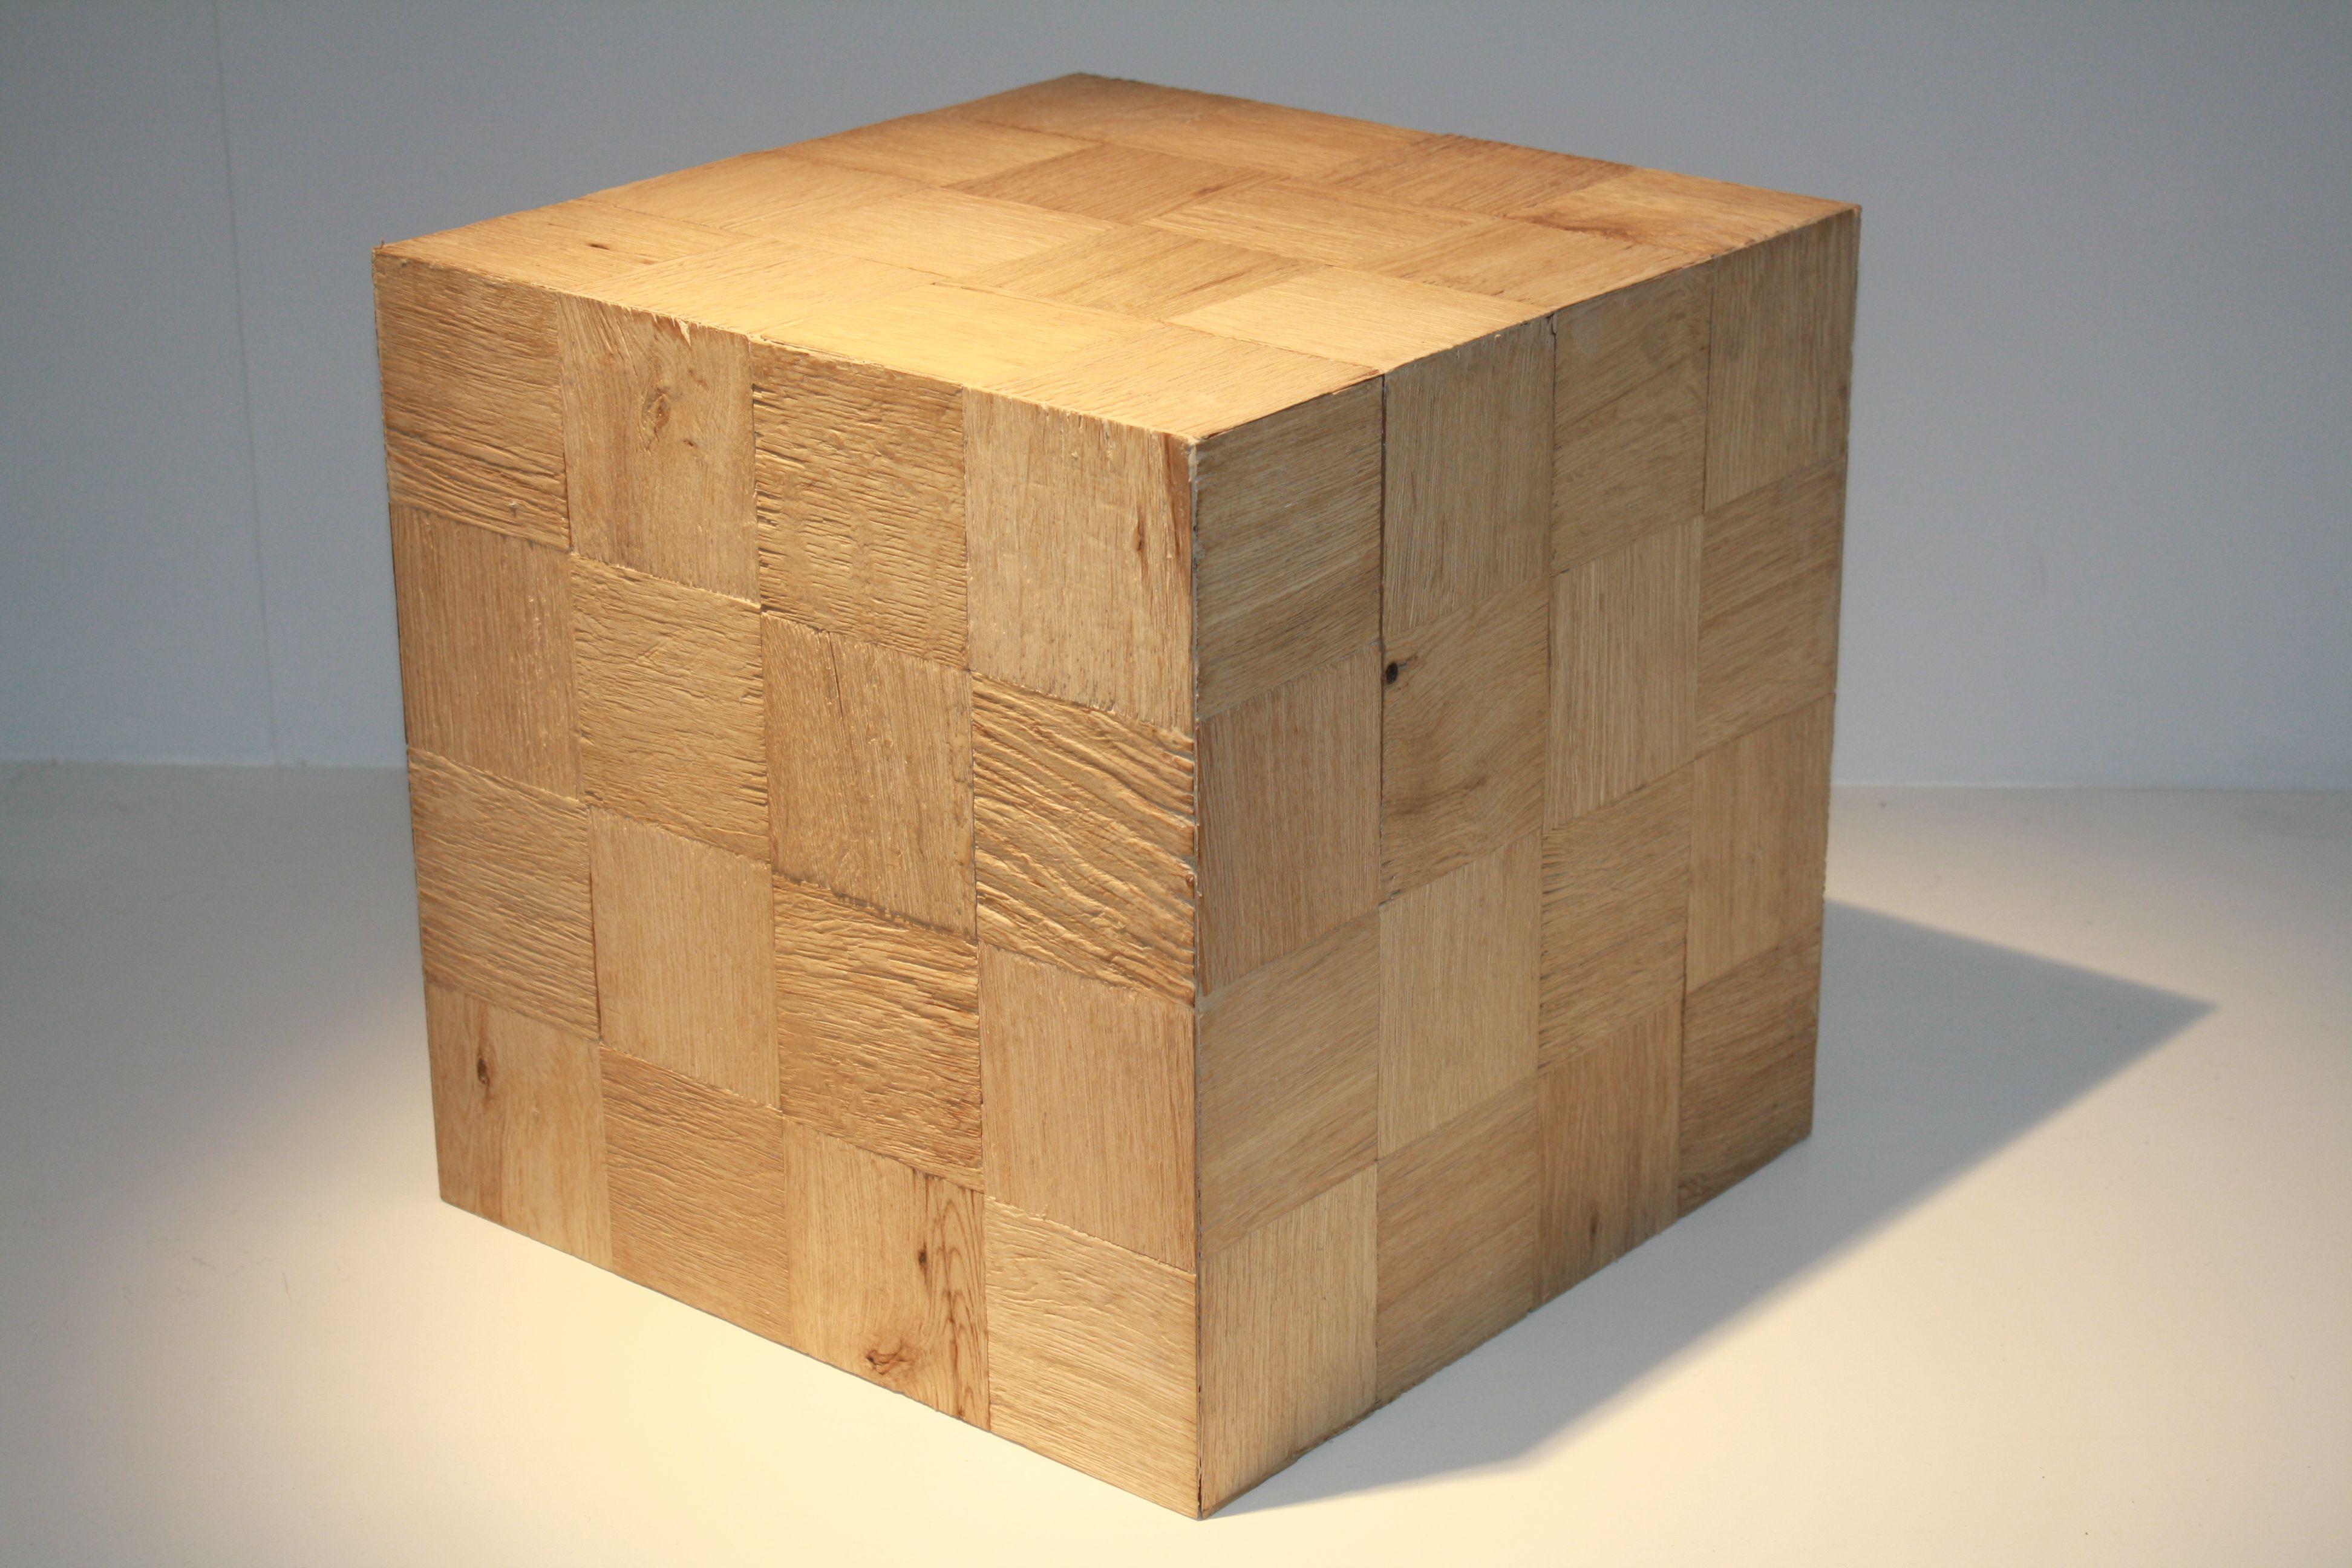 kubus 36 x 36 x 36 gekliefd eiken Kubus³